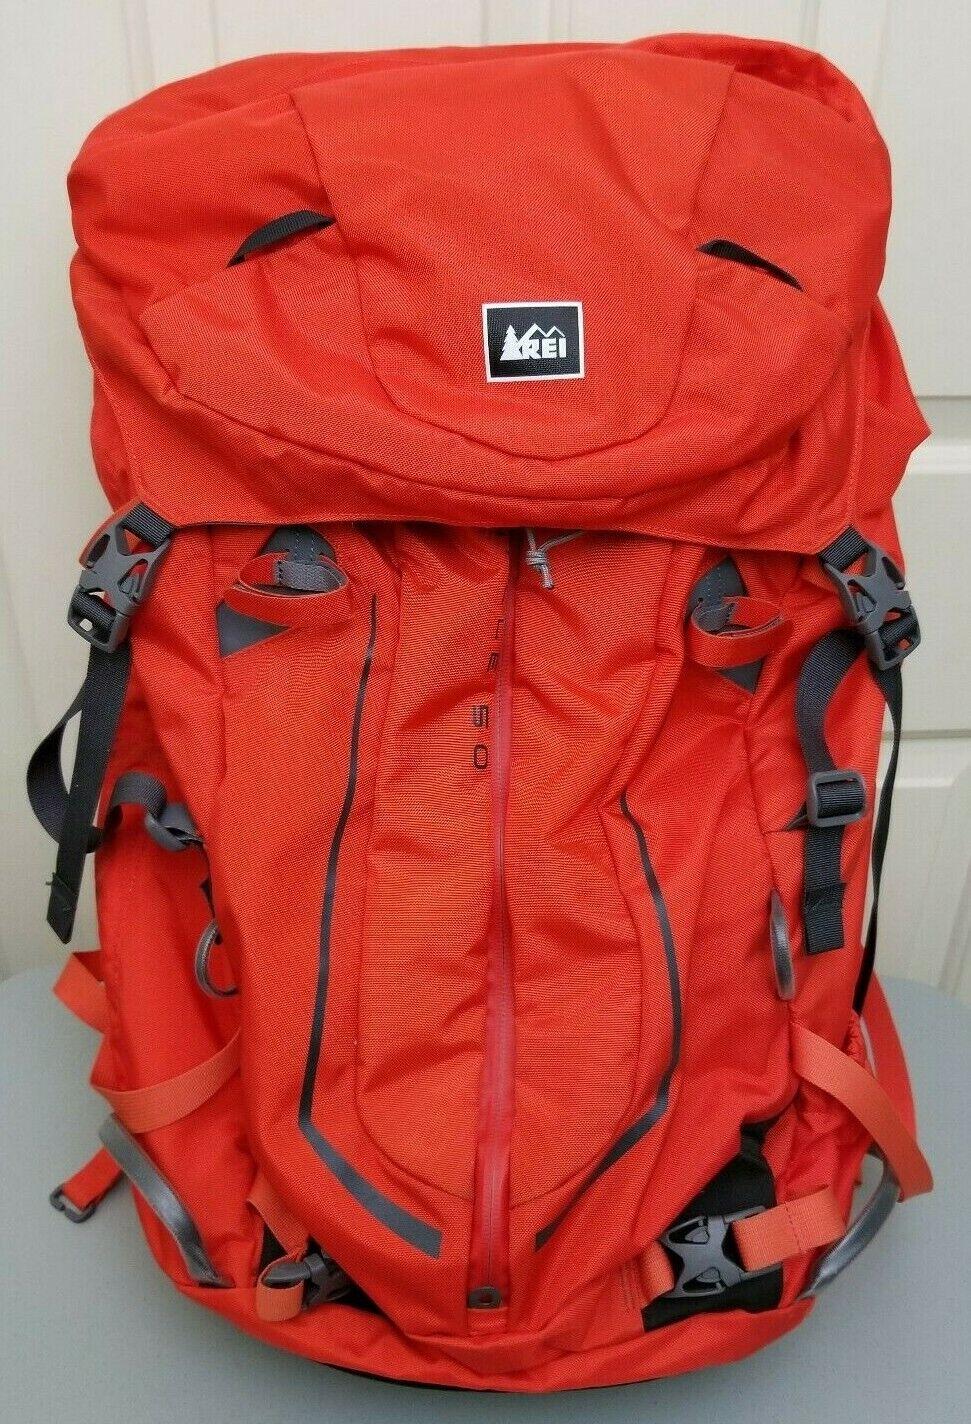 REI Pinnacle 50 Backpack Bag Orange Hiking Mountain Climbing Snowboarding